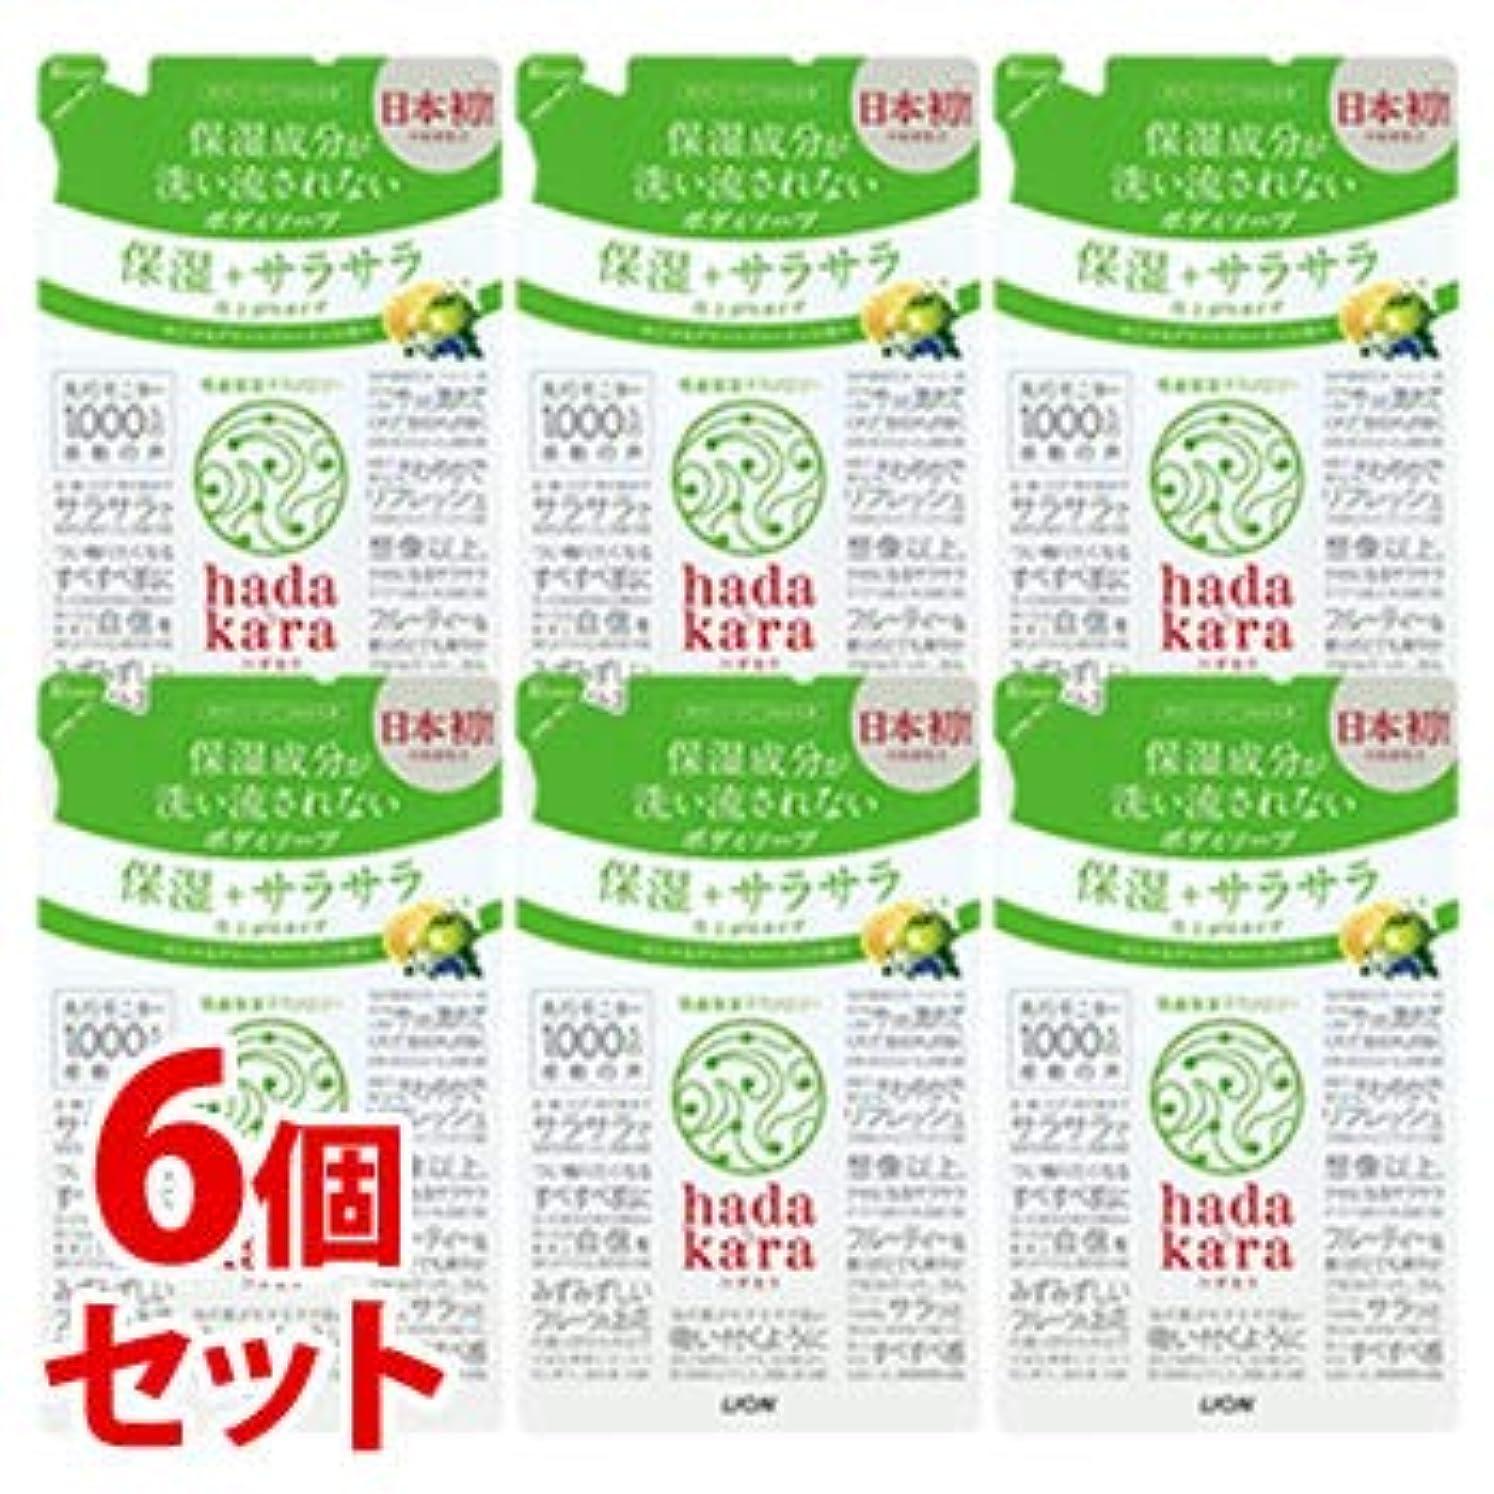 後者地味な自己尊重《セット販売》 ライオン ハダカラ hadakara ボディソープ 保湿+サラサラ仕上がりタイプ グリーンフルーティの香り つめかえ用 (340mL)×6個セット 詰め替え用